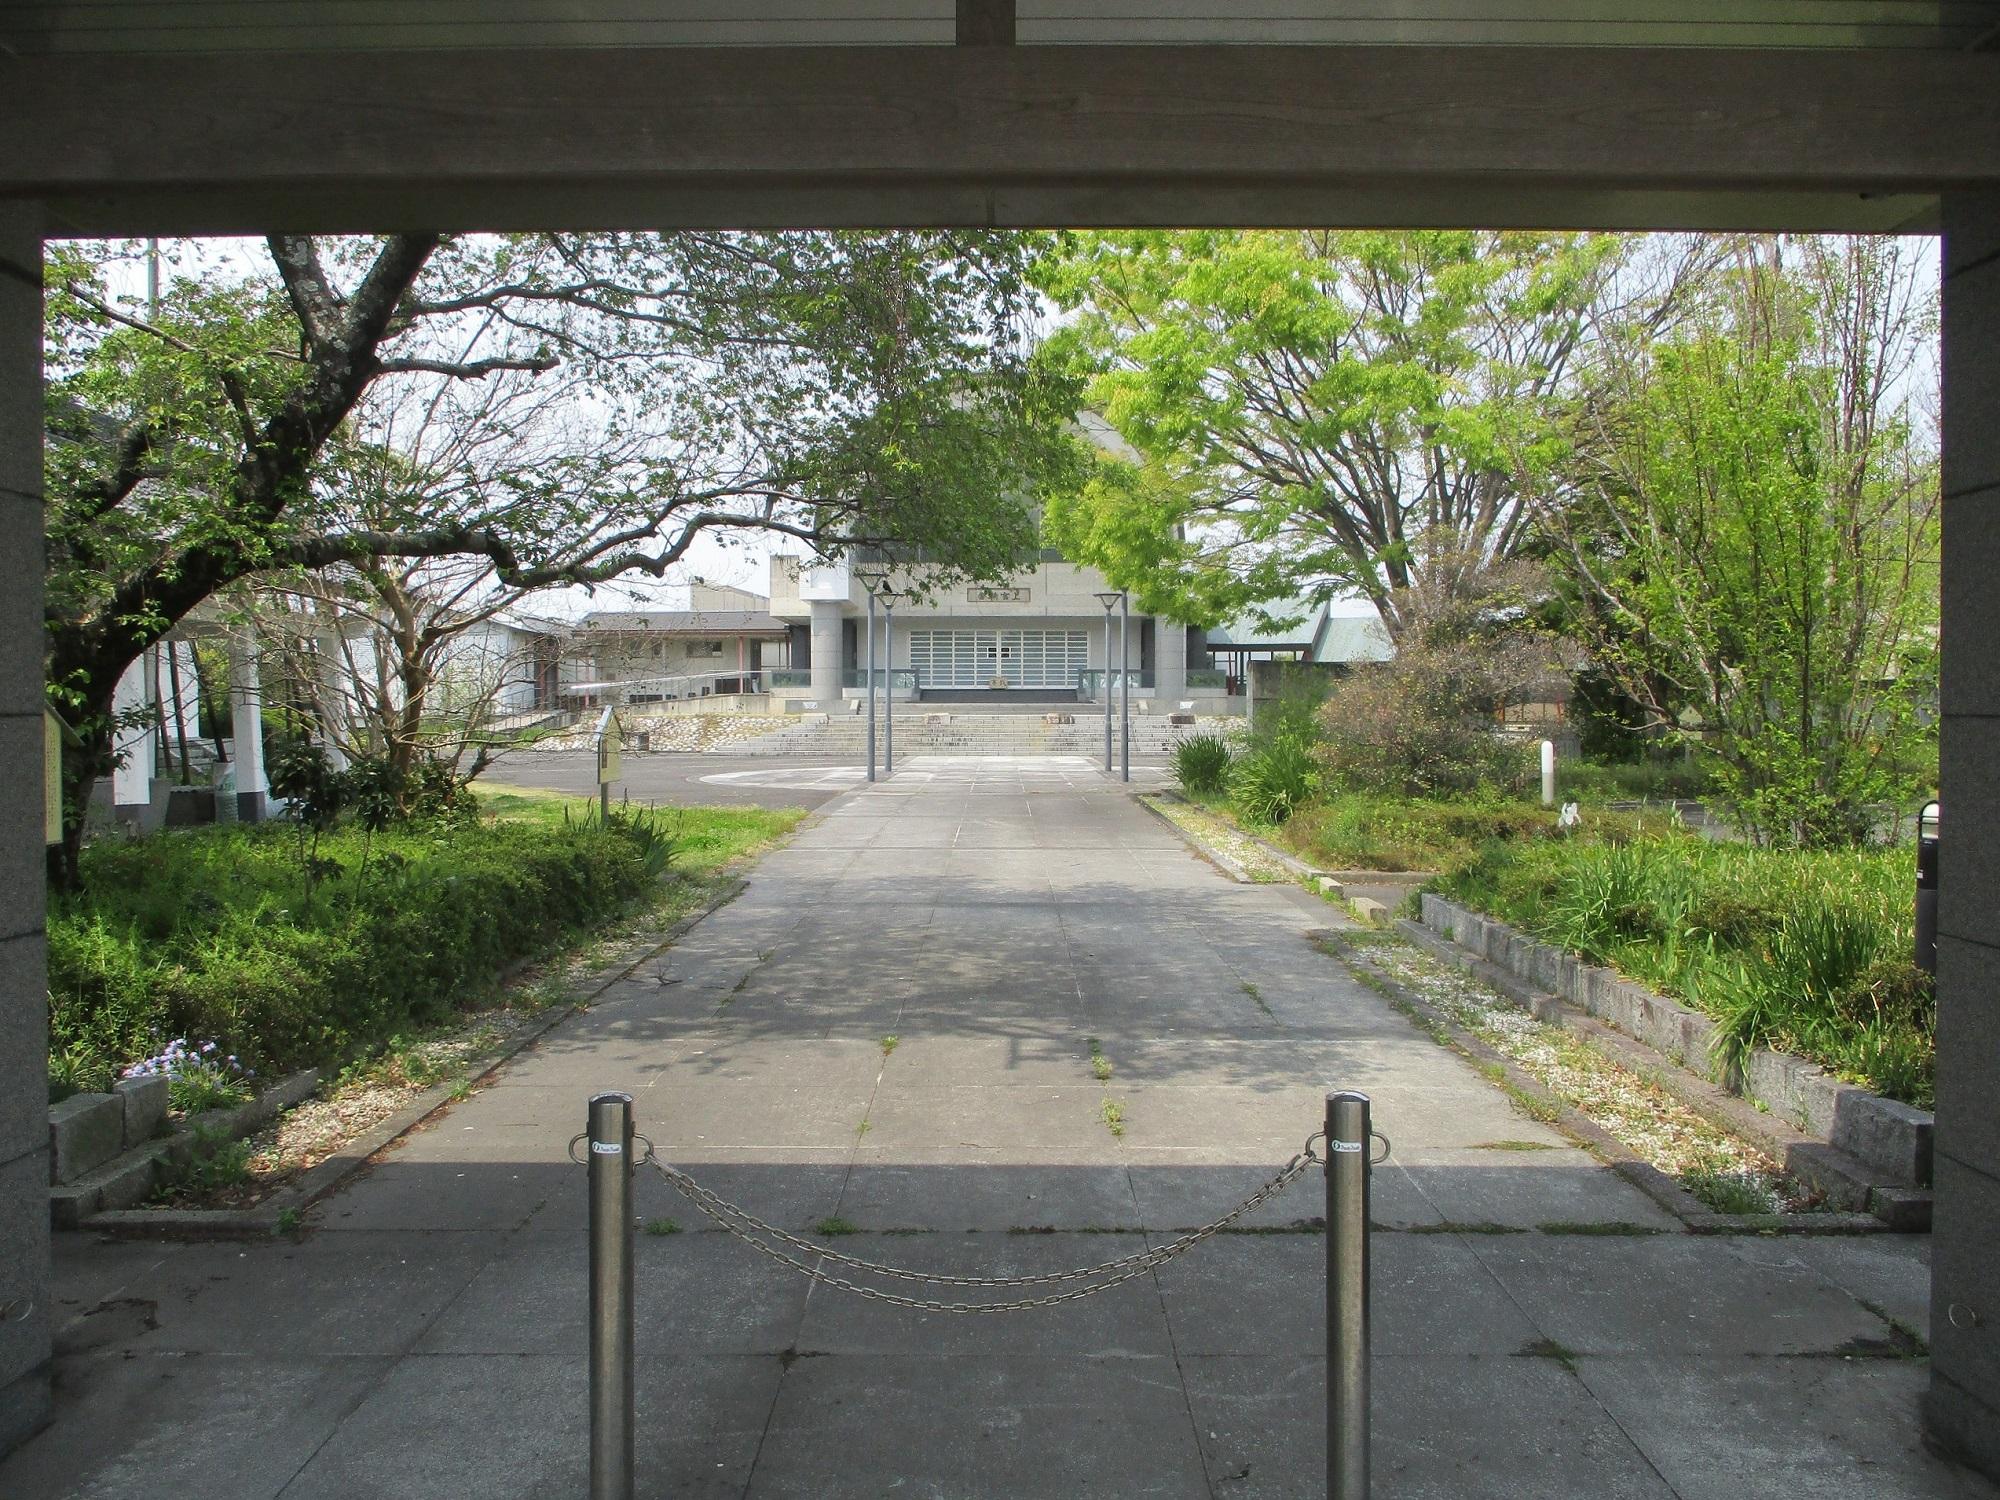 2020.4.16 (3) 上宮寺 2000-1500